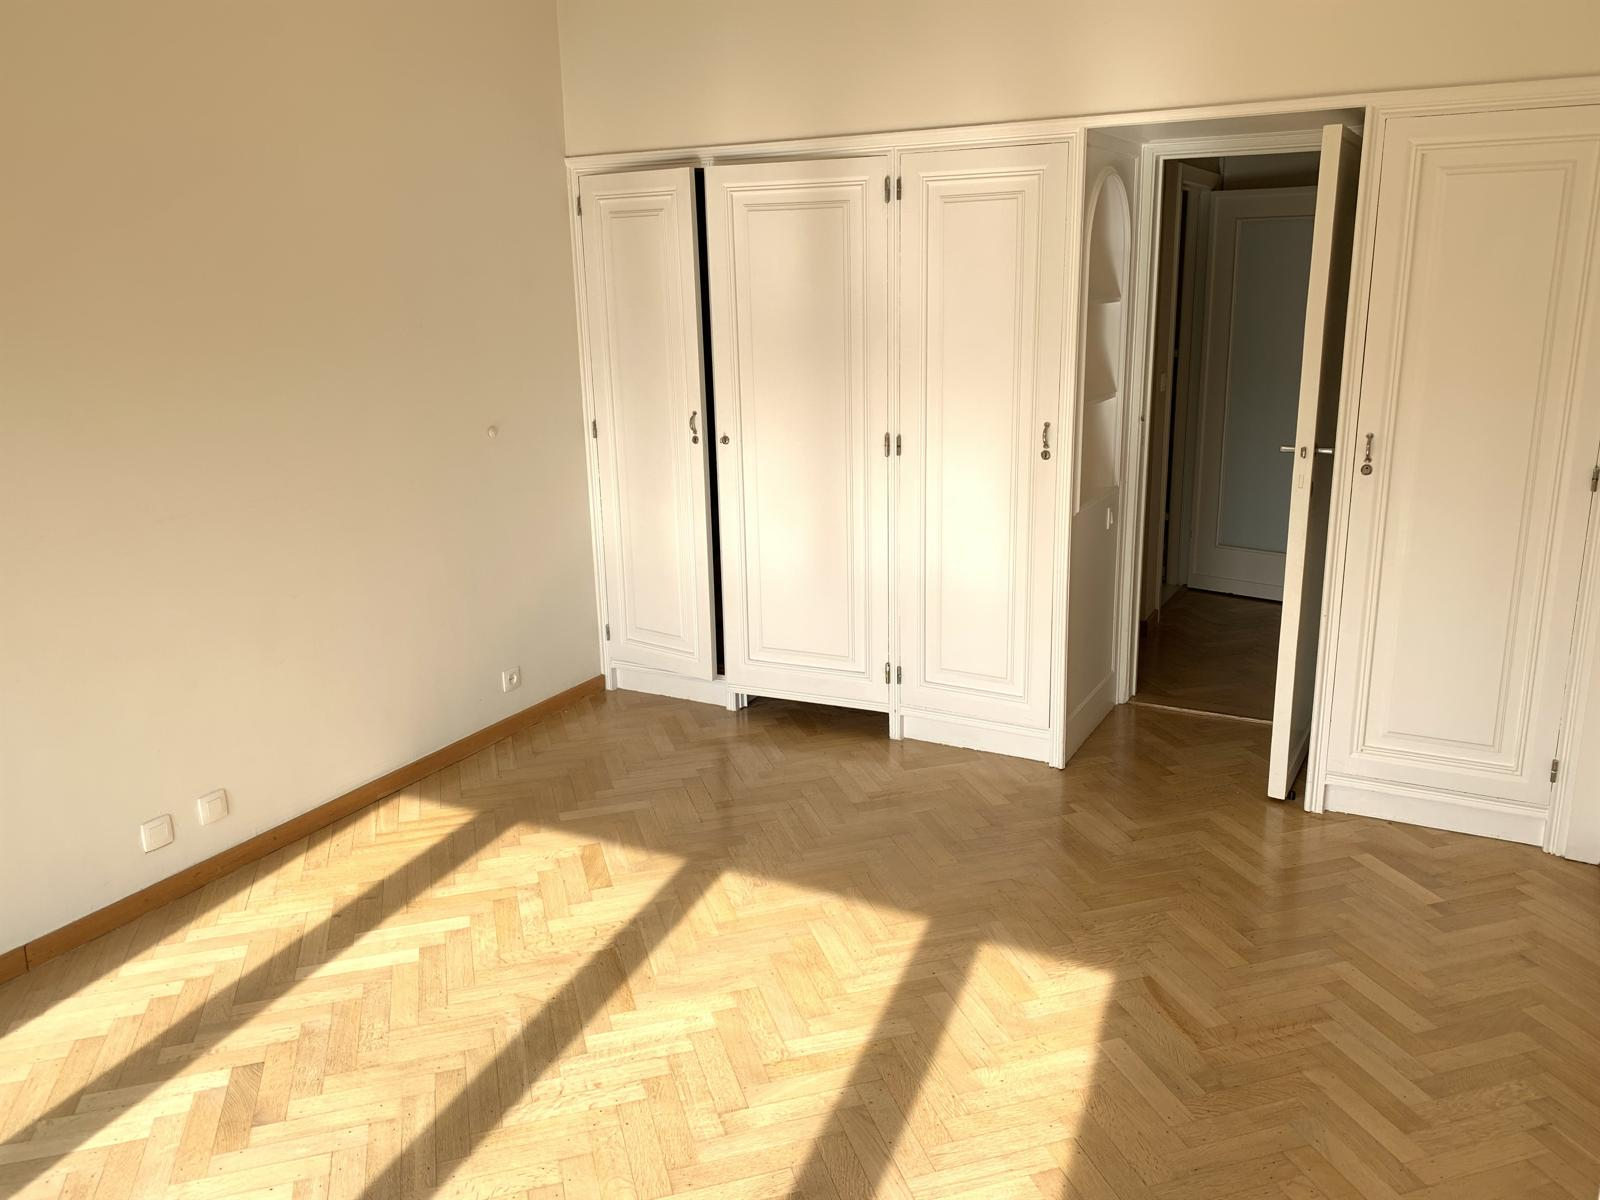 Flat - Bruxelles - #4527837-13